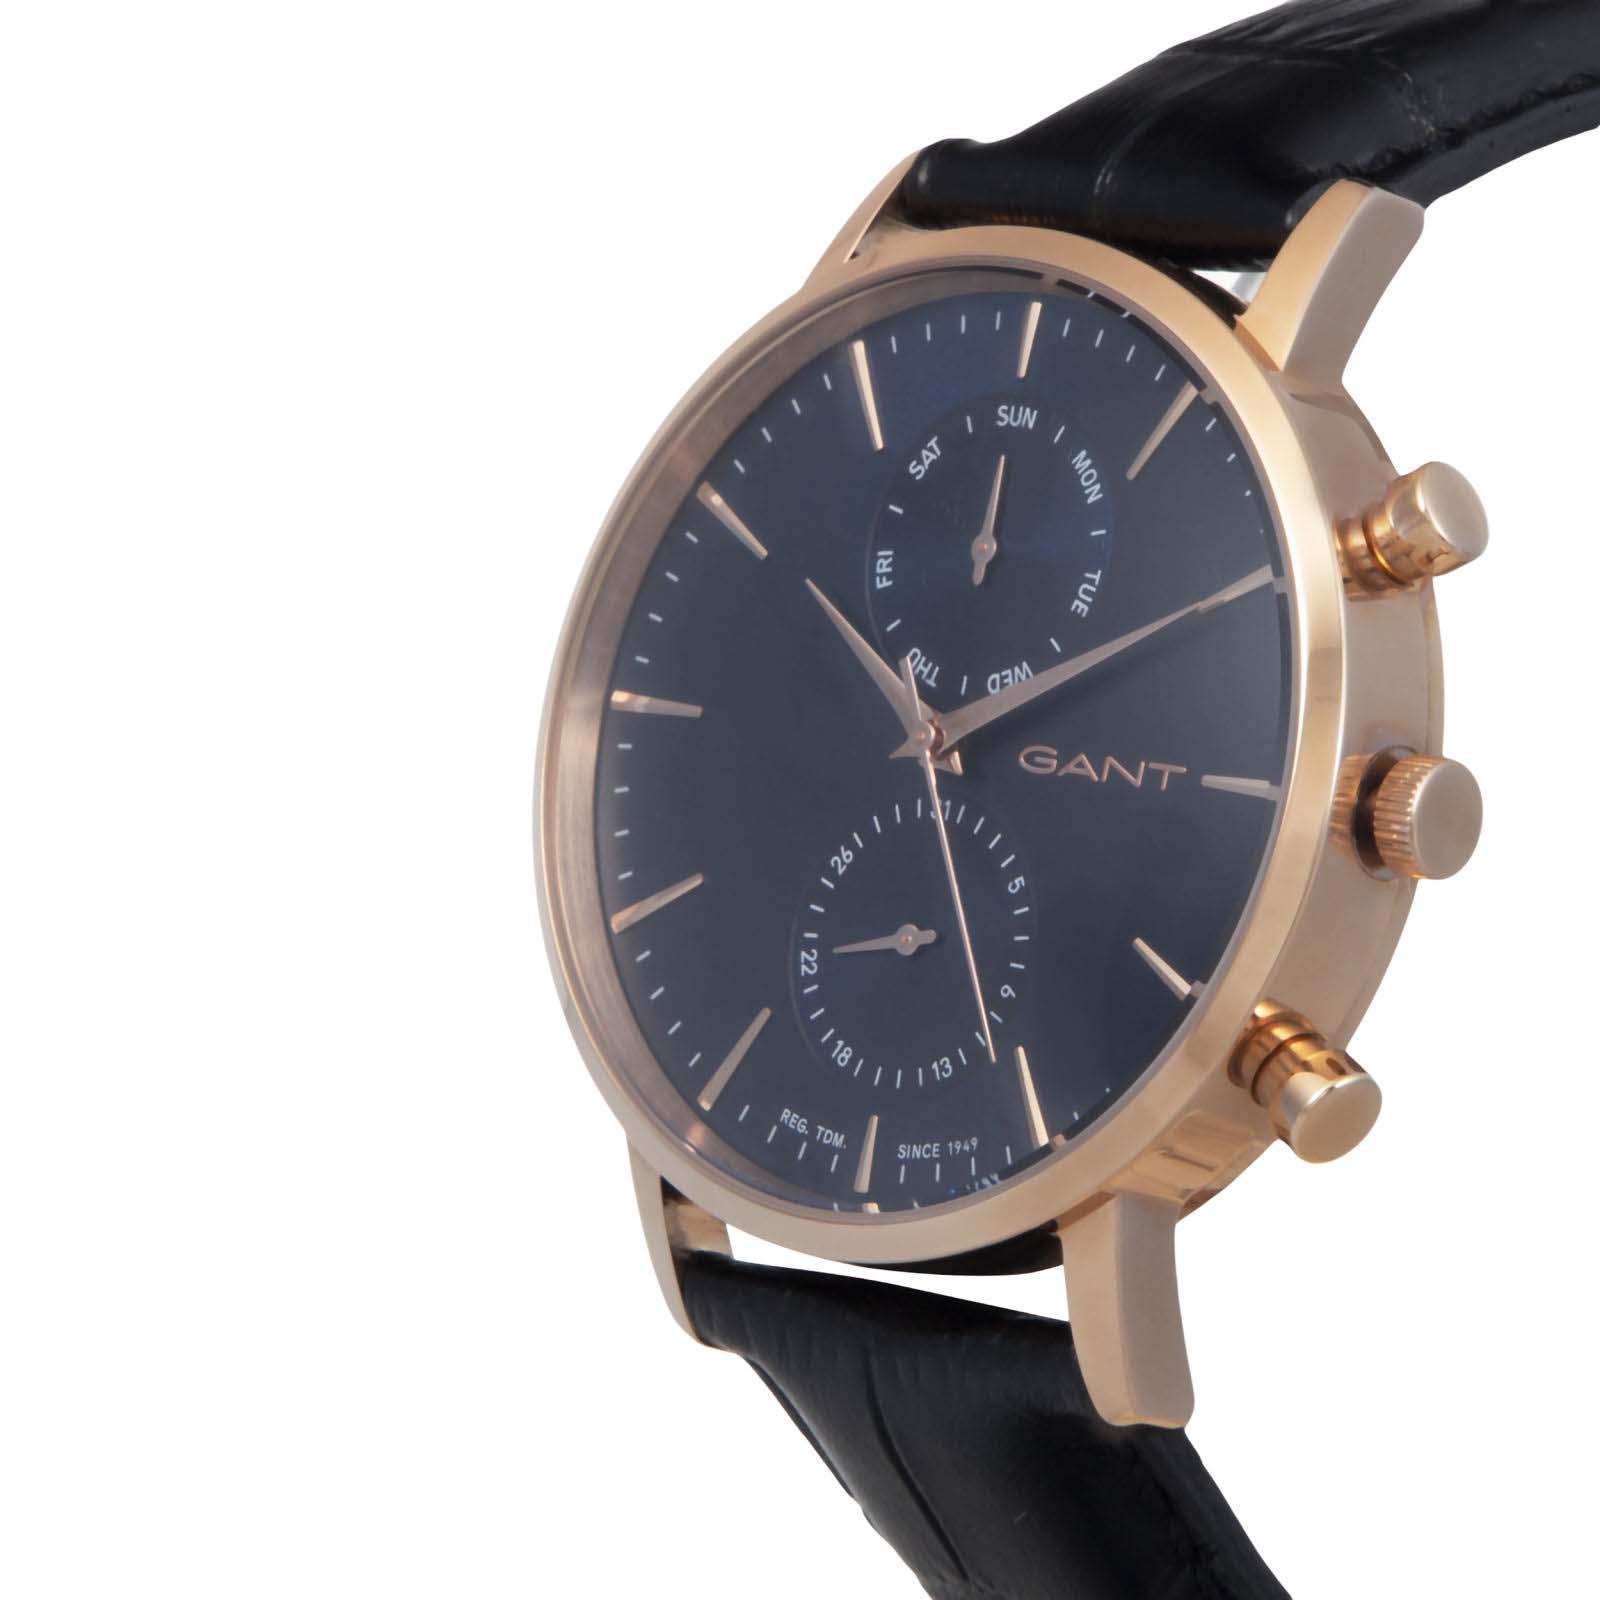 ساعت مچی عقربهای مردانه گنت مدل W11211